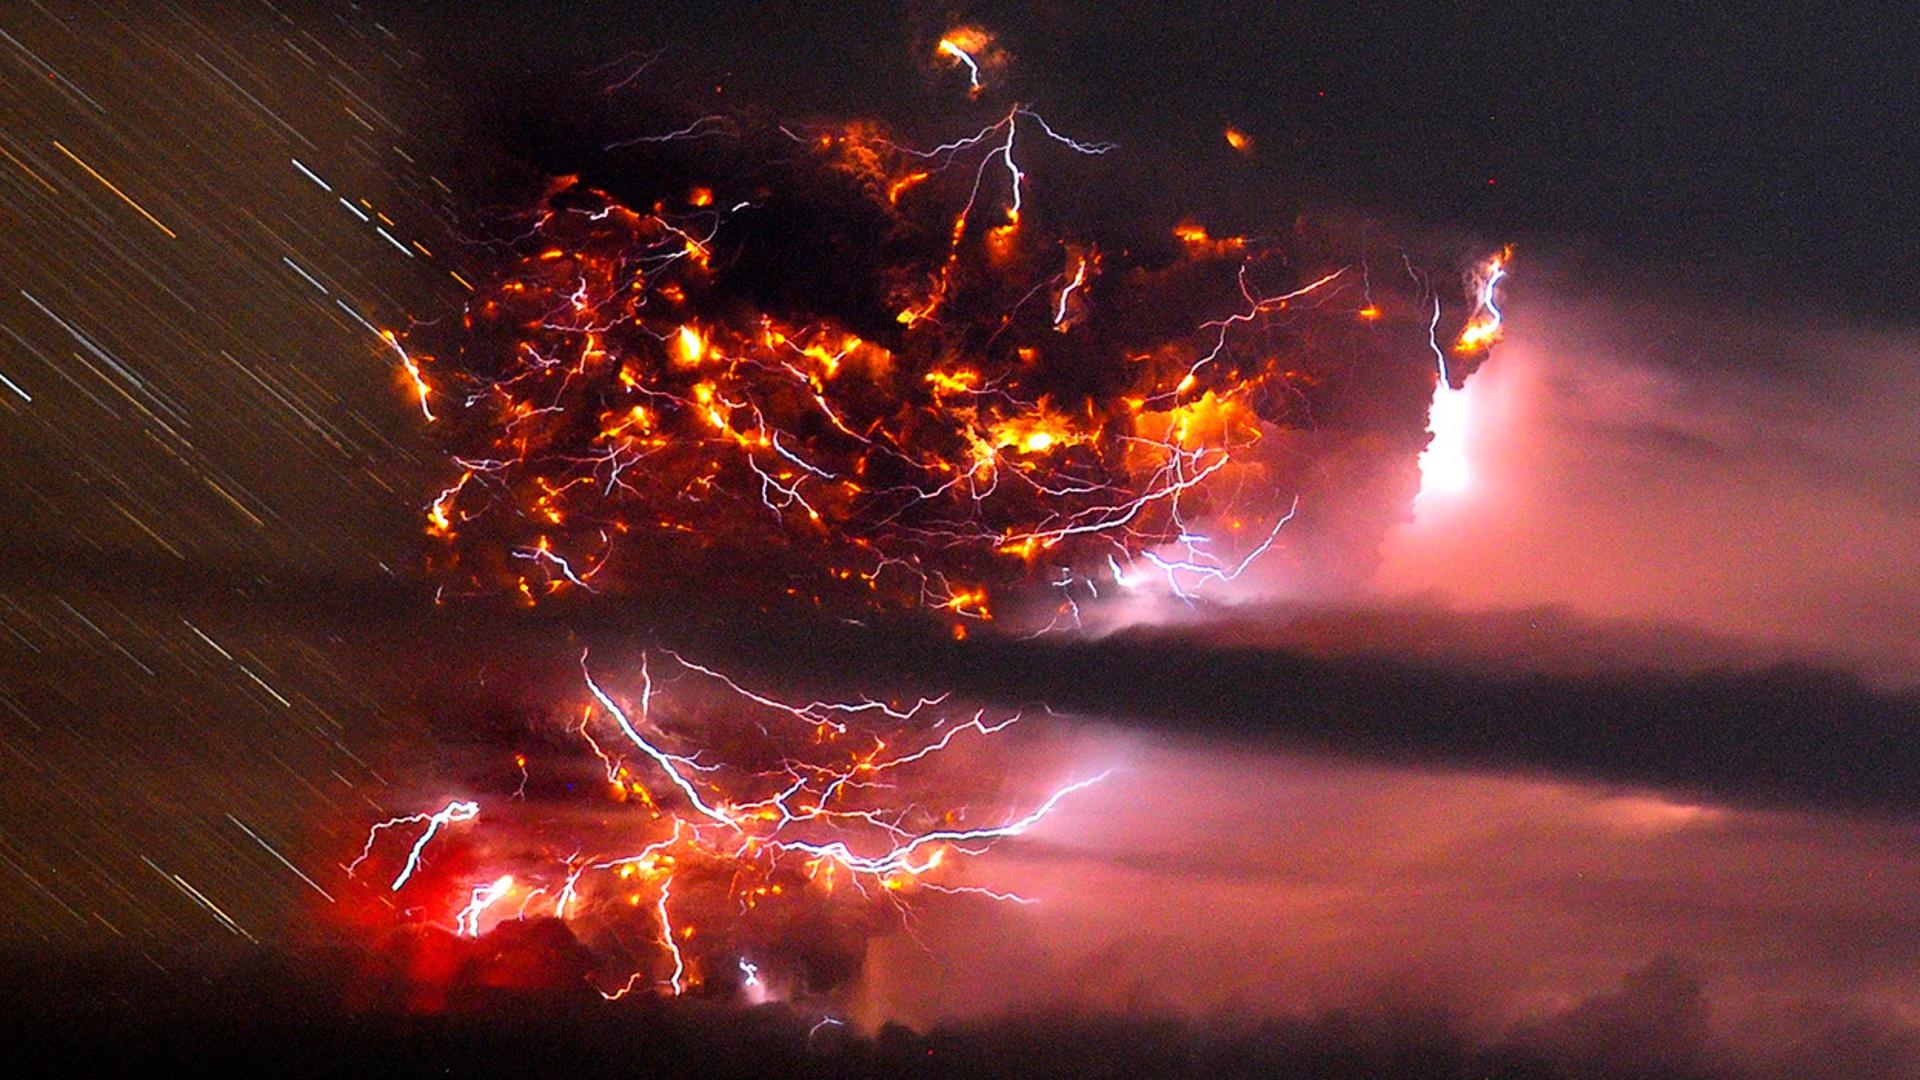 Desktop Hd Wallpapers Quotes Inspire Lightning Storm Wallpapers Hd Pixelstalk Net